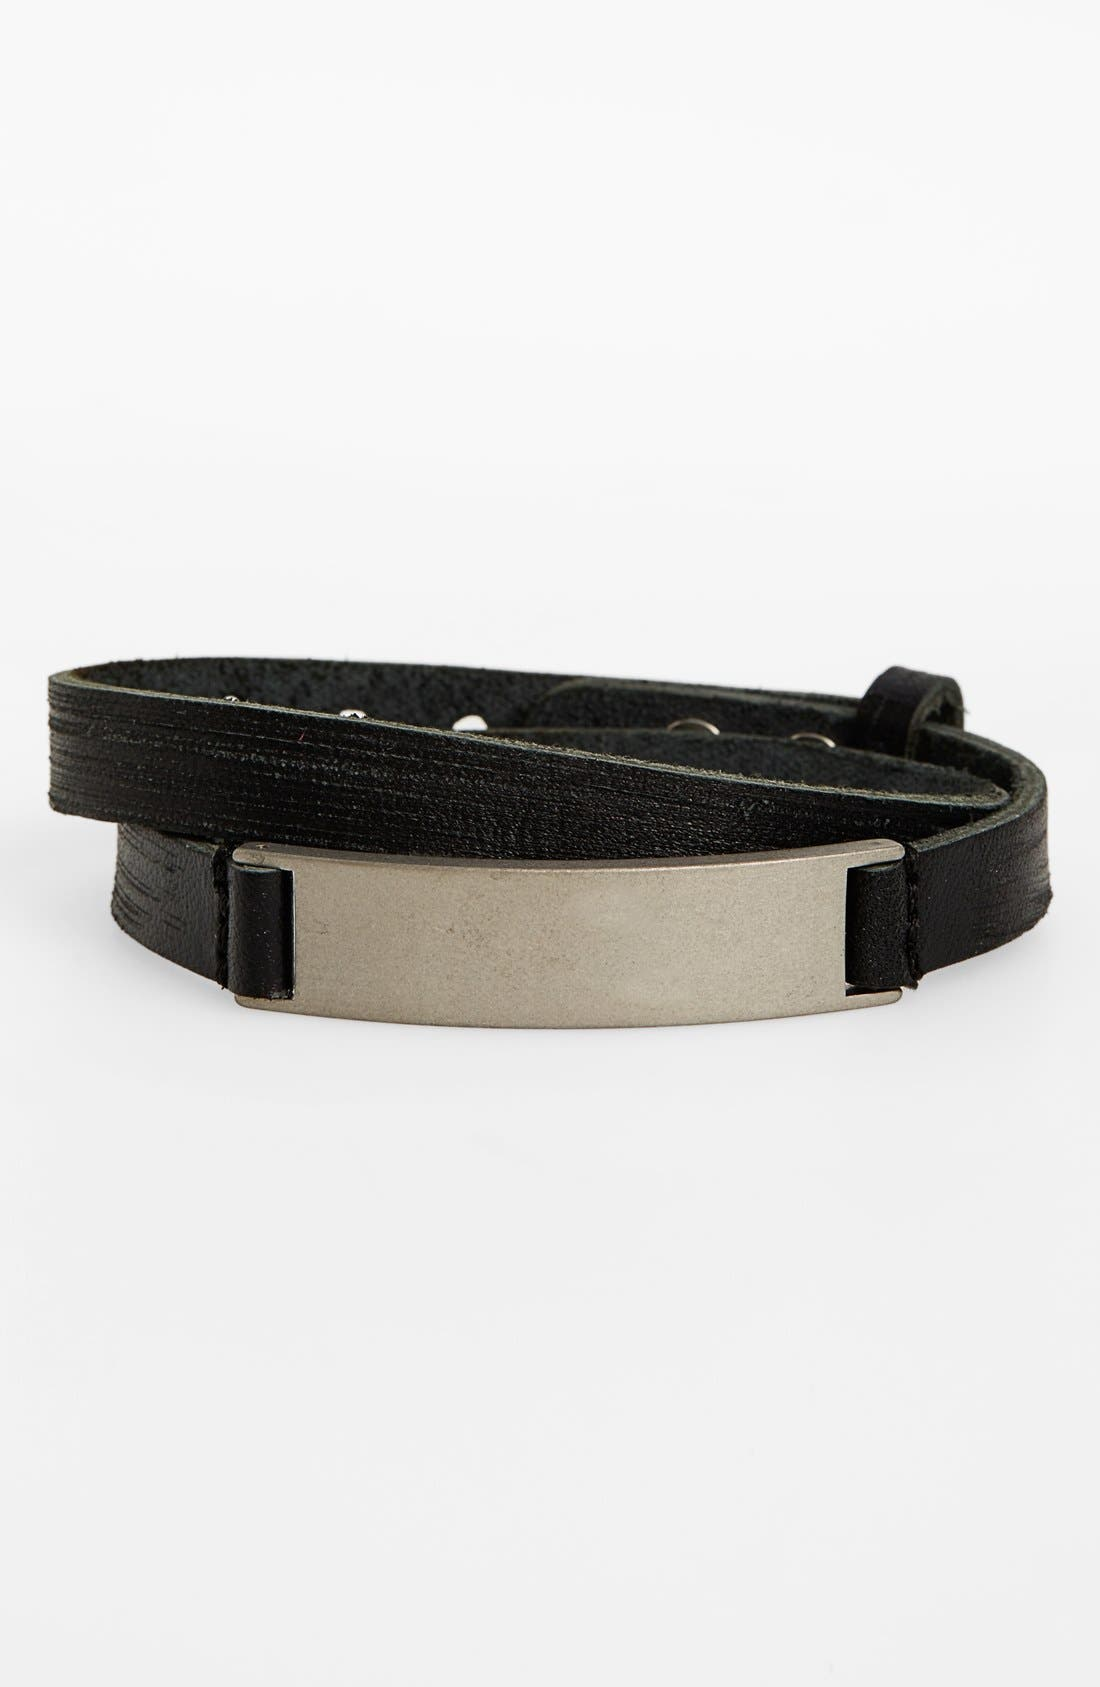 TRION:Z 'MagTitan - Grange' Adjustable Magnetic Bracelet, Main, color, 001